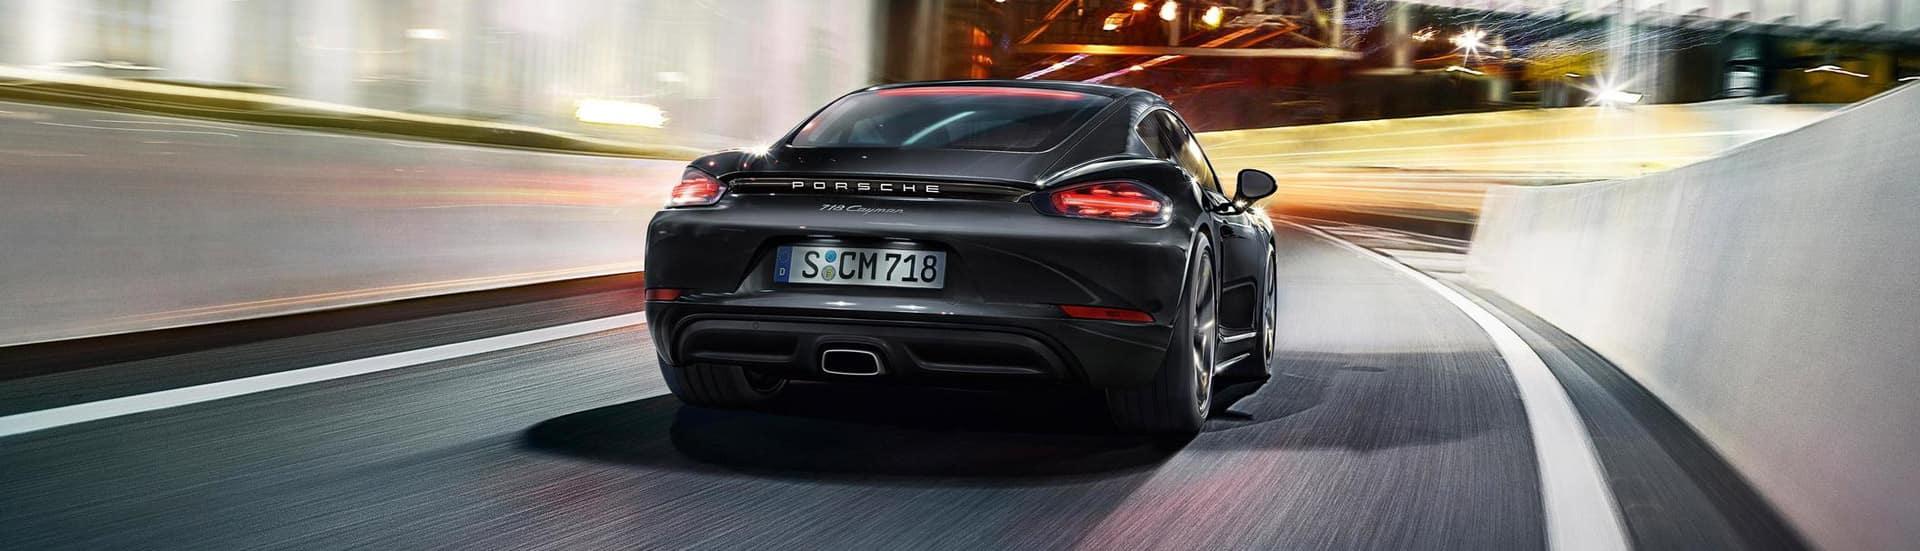 2019 Porsche Cayman Vs 911 Compare Sports Cars Price